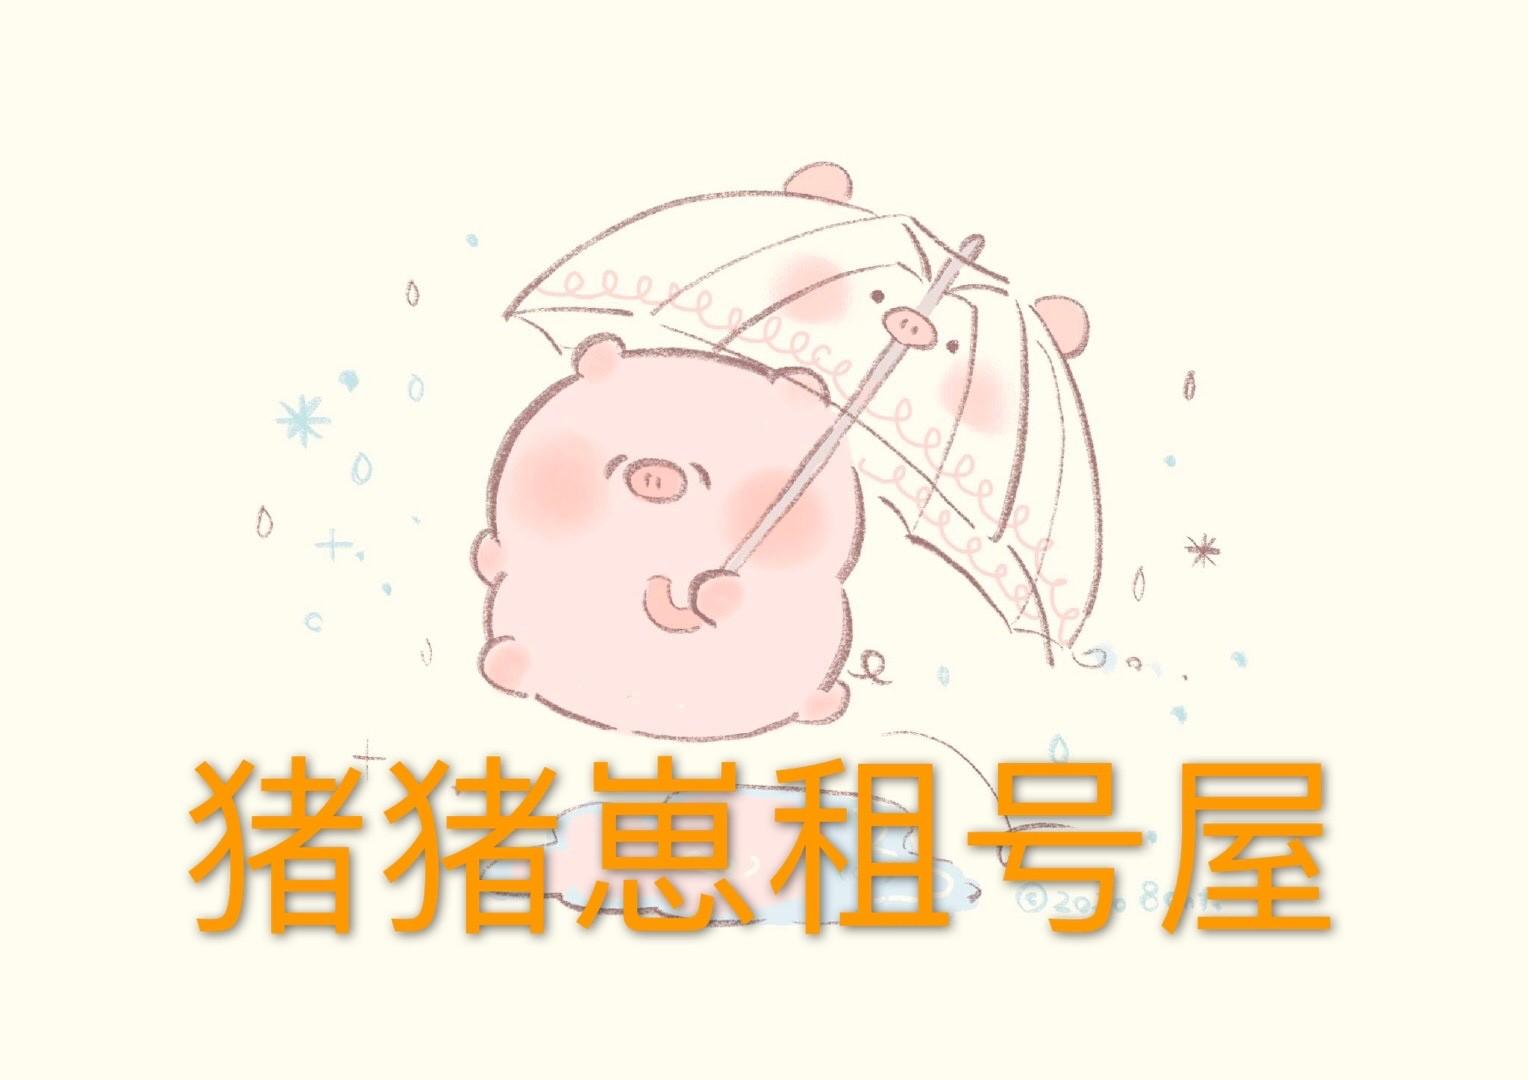 猪猪崽租号小屋